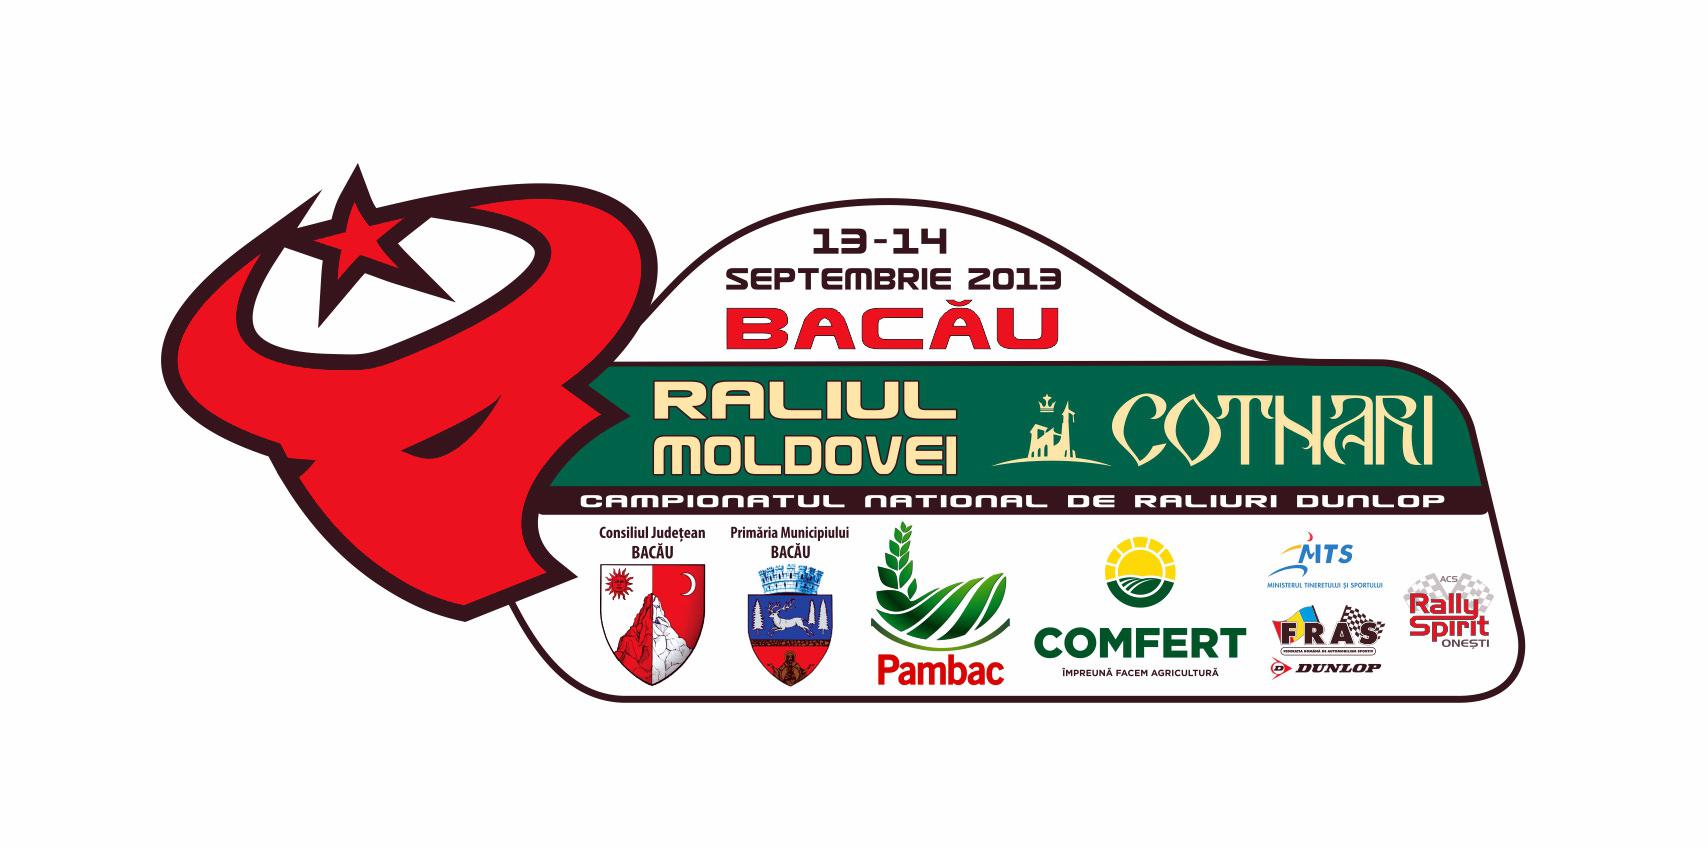 Raliul Moldovei Cotnari Bacau 2013, un program extrem de spectaculos